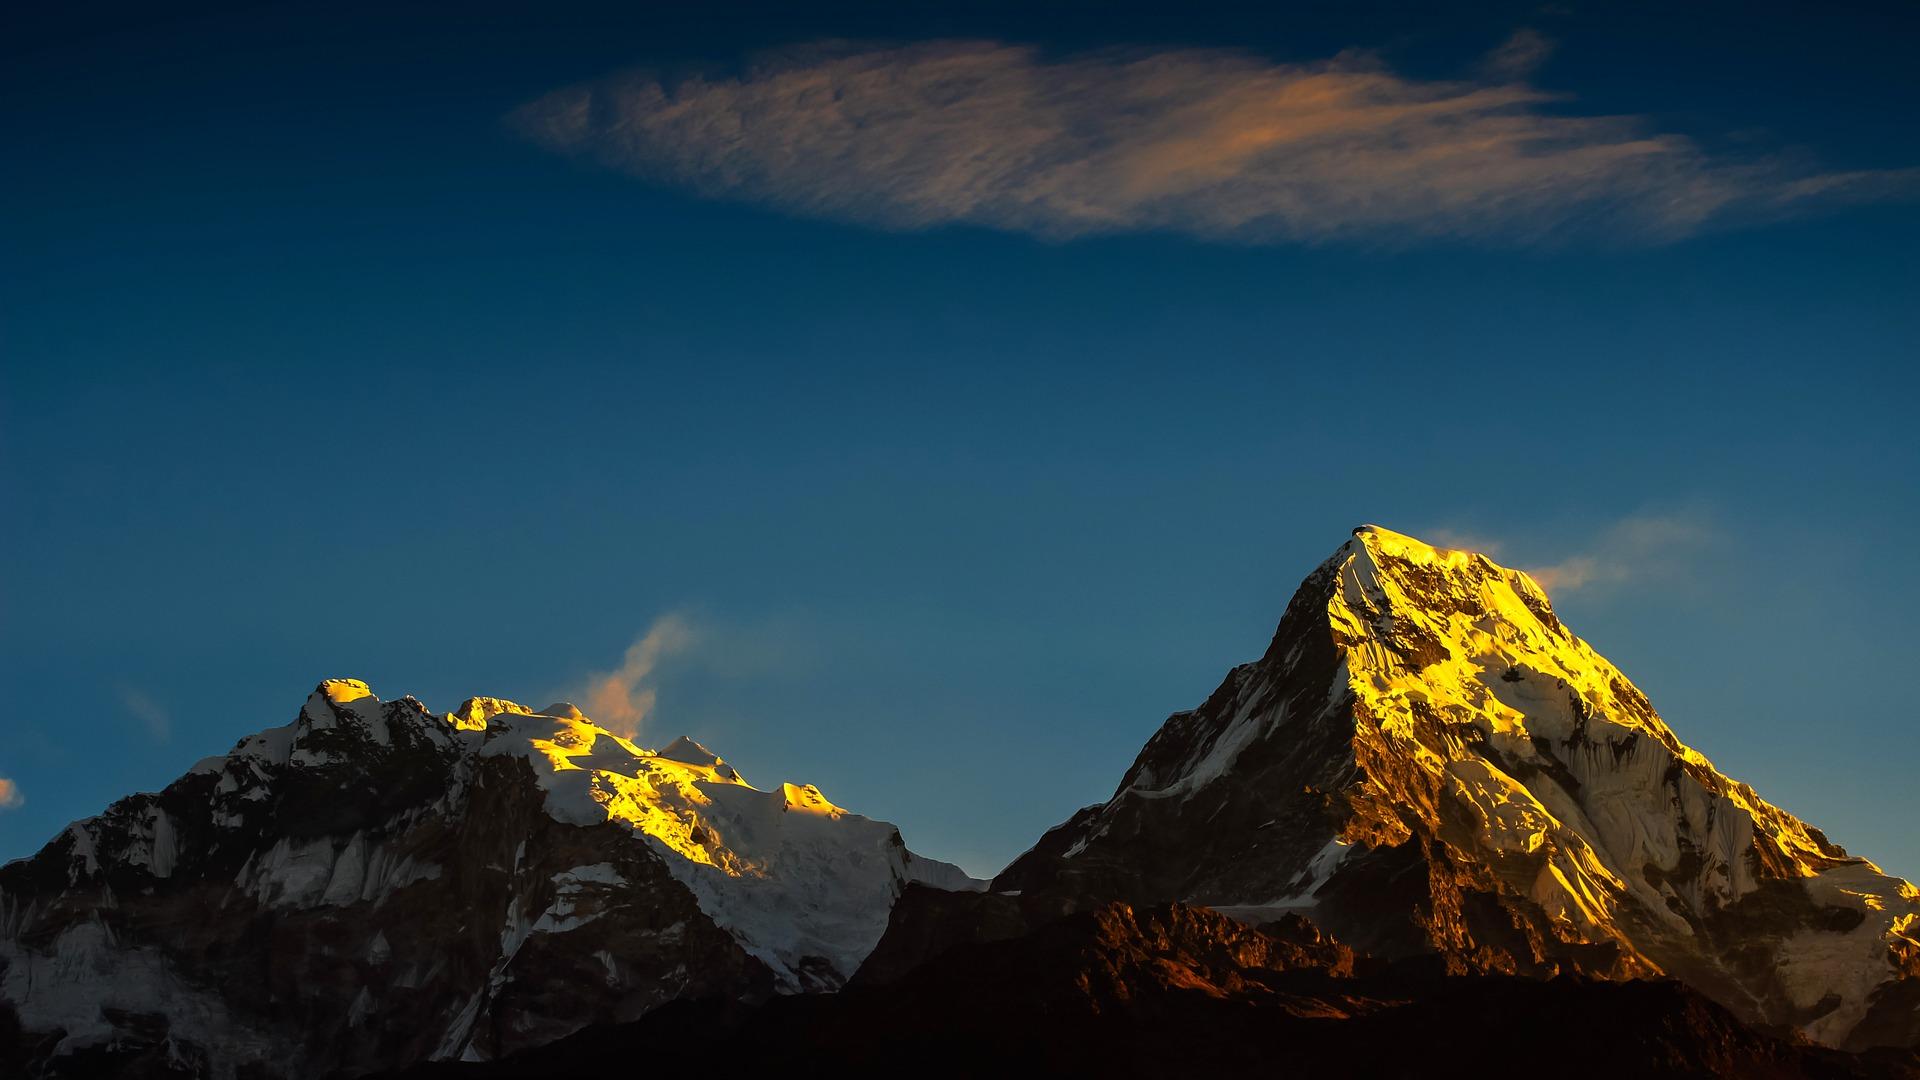 Annapurna Himalaya